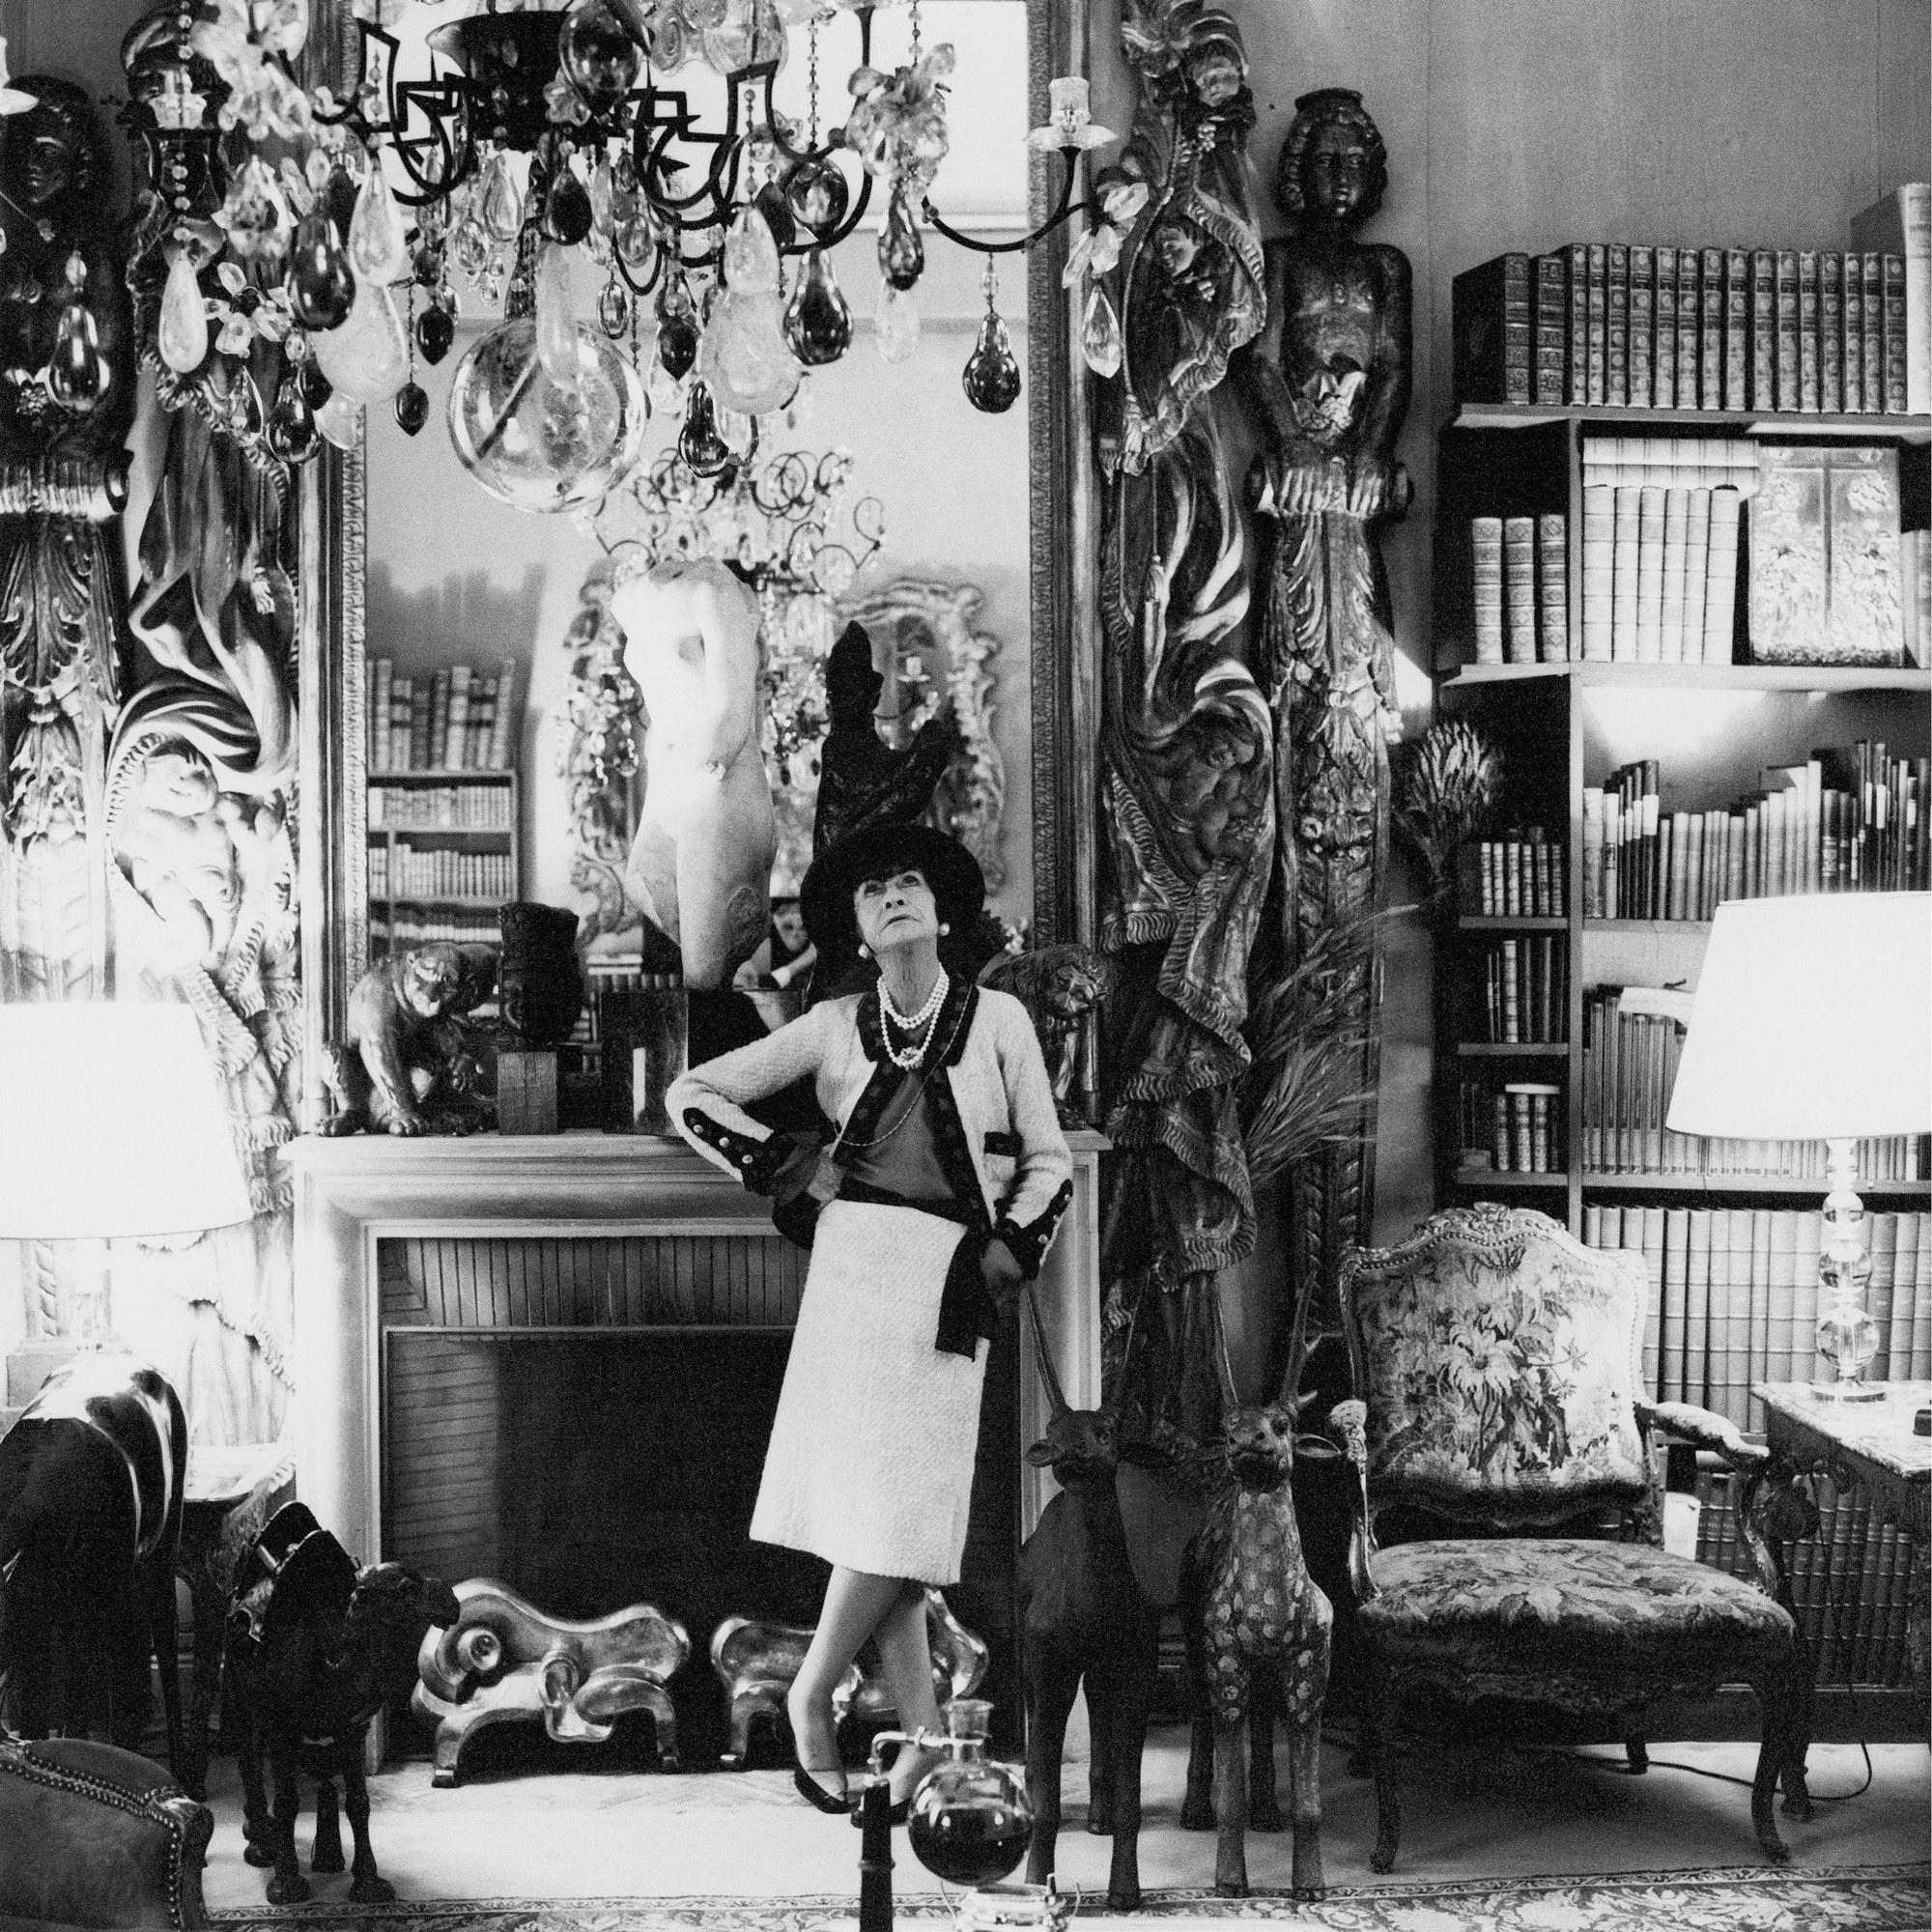 0a052ad0b2a Coco Chanel s favourite haunts in Paris book shop 7L Théâtre des  Champs-Élysées The Ritz